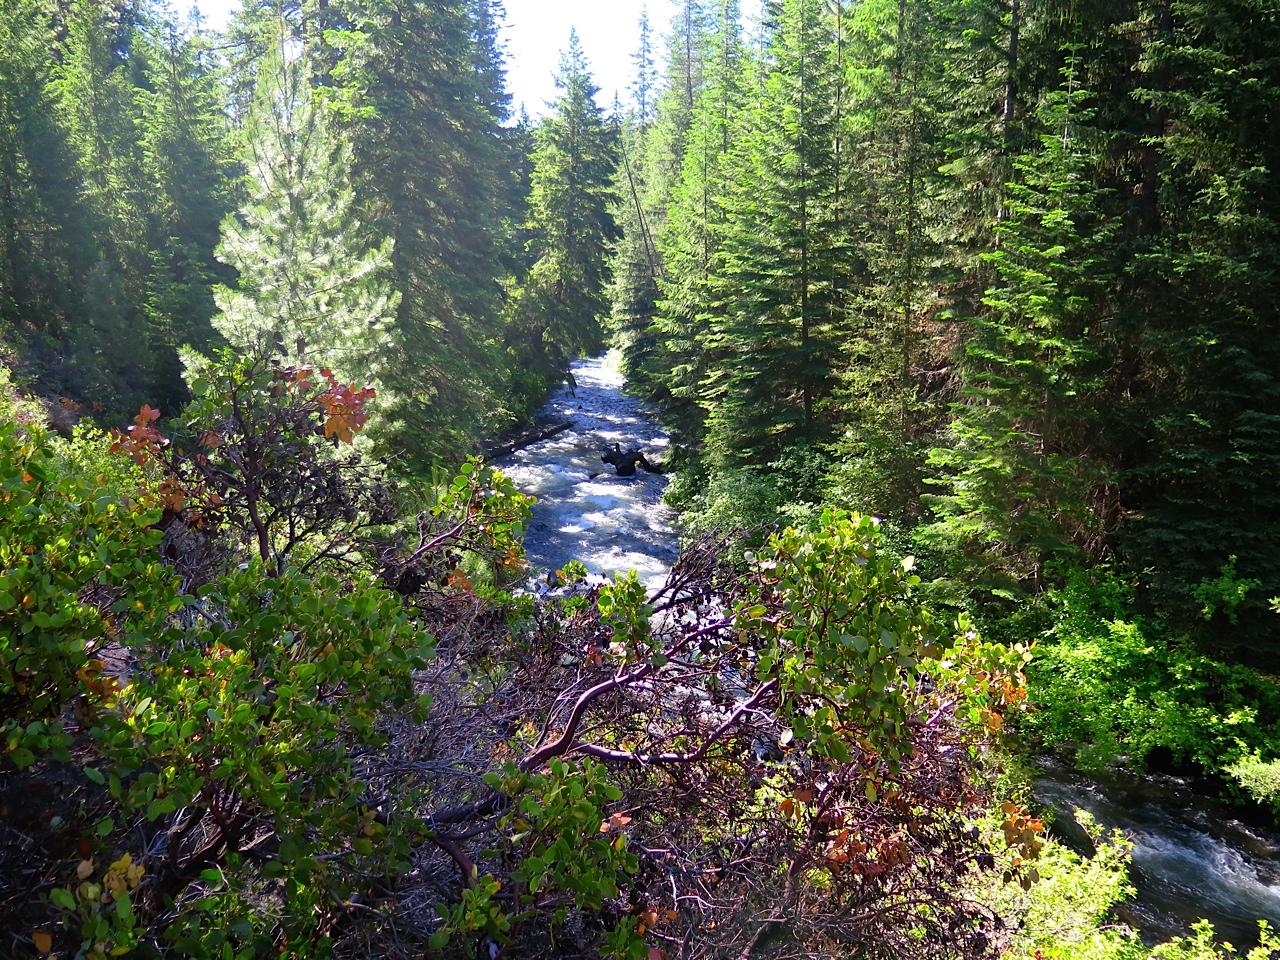 Photo of Tumalo Creek courtesy of Rob Windlix